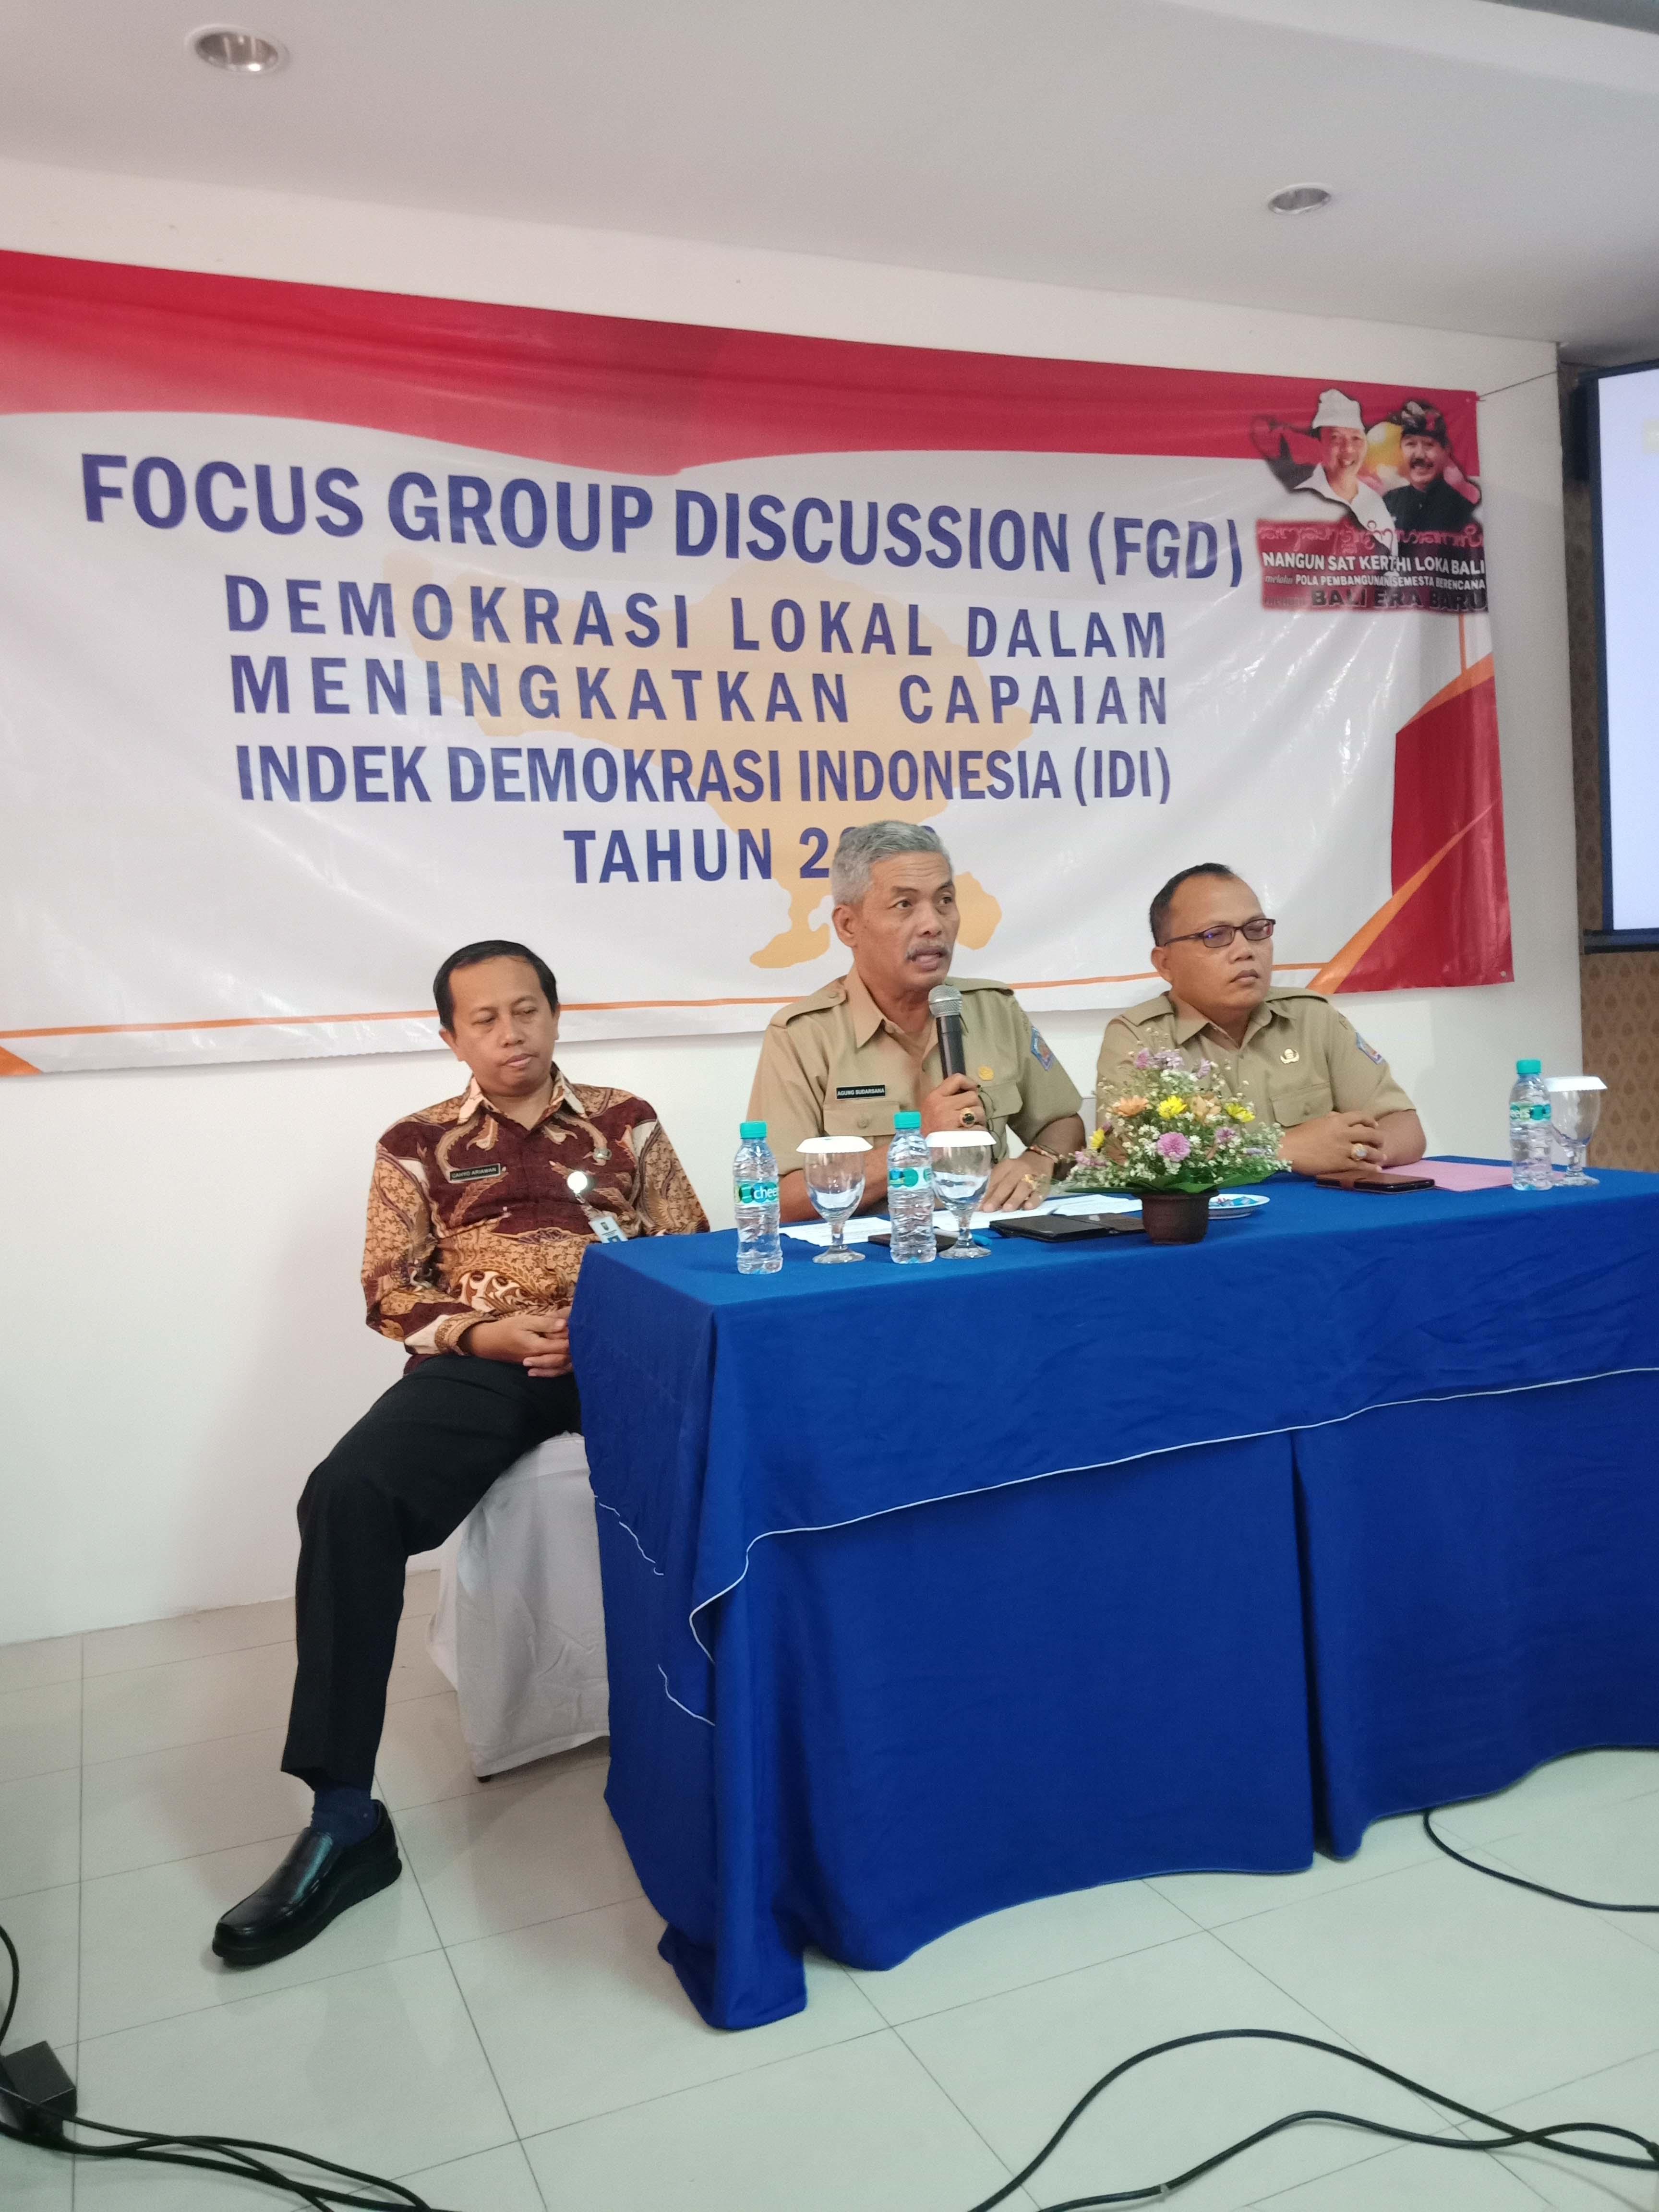 FGD (Focus Group Discussion) PENGUATAN DEMOKRASI LOKAL DALAM MENINGKATKAN CAPAIAN INDEK DEMOKRASI INDONESIA (IDI) TAHUN 2019